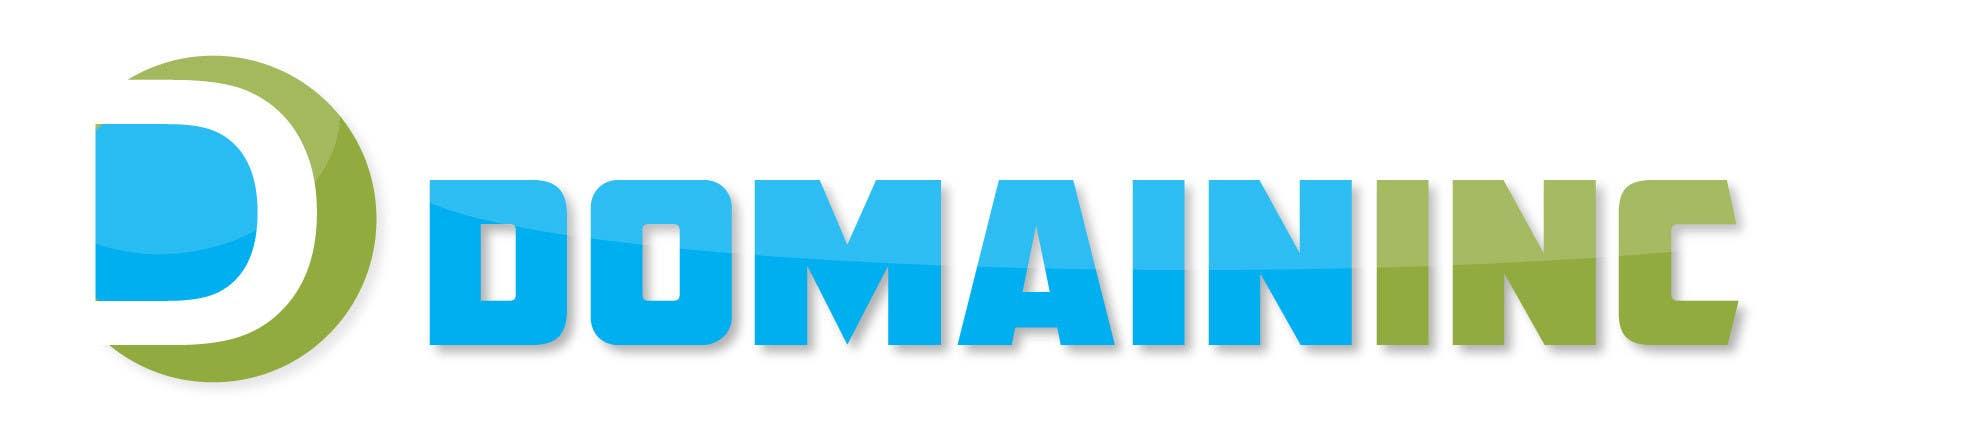 Konkurrenceindlæg #                                        114                                      for                                         Logo Design for web hosting / domain management website